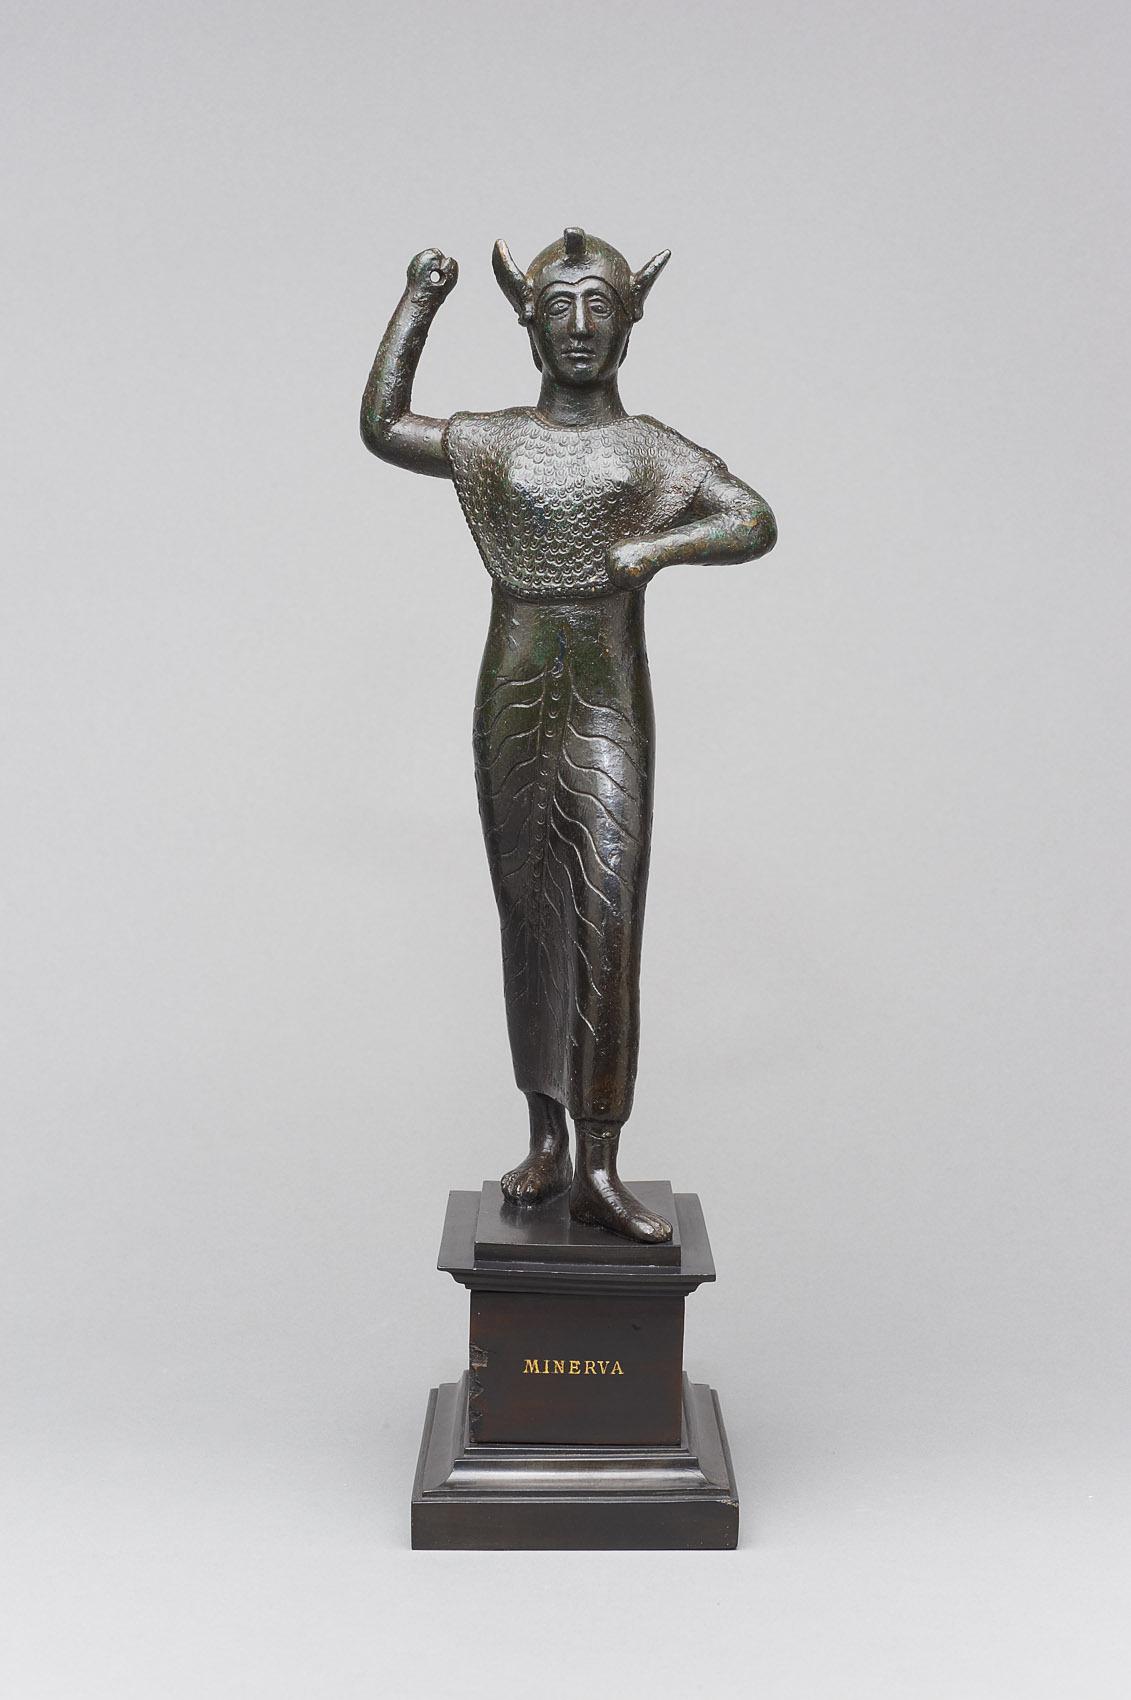 Angreifende Athena (etruskisch: Menerva)